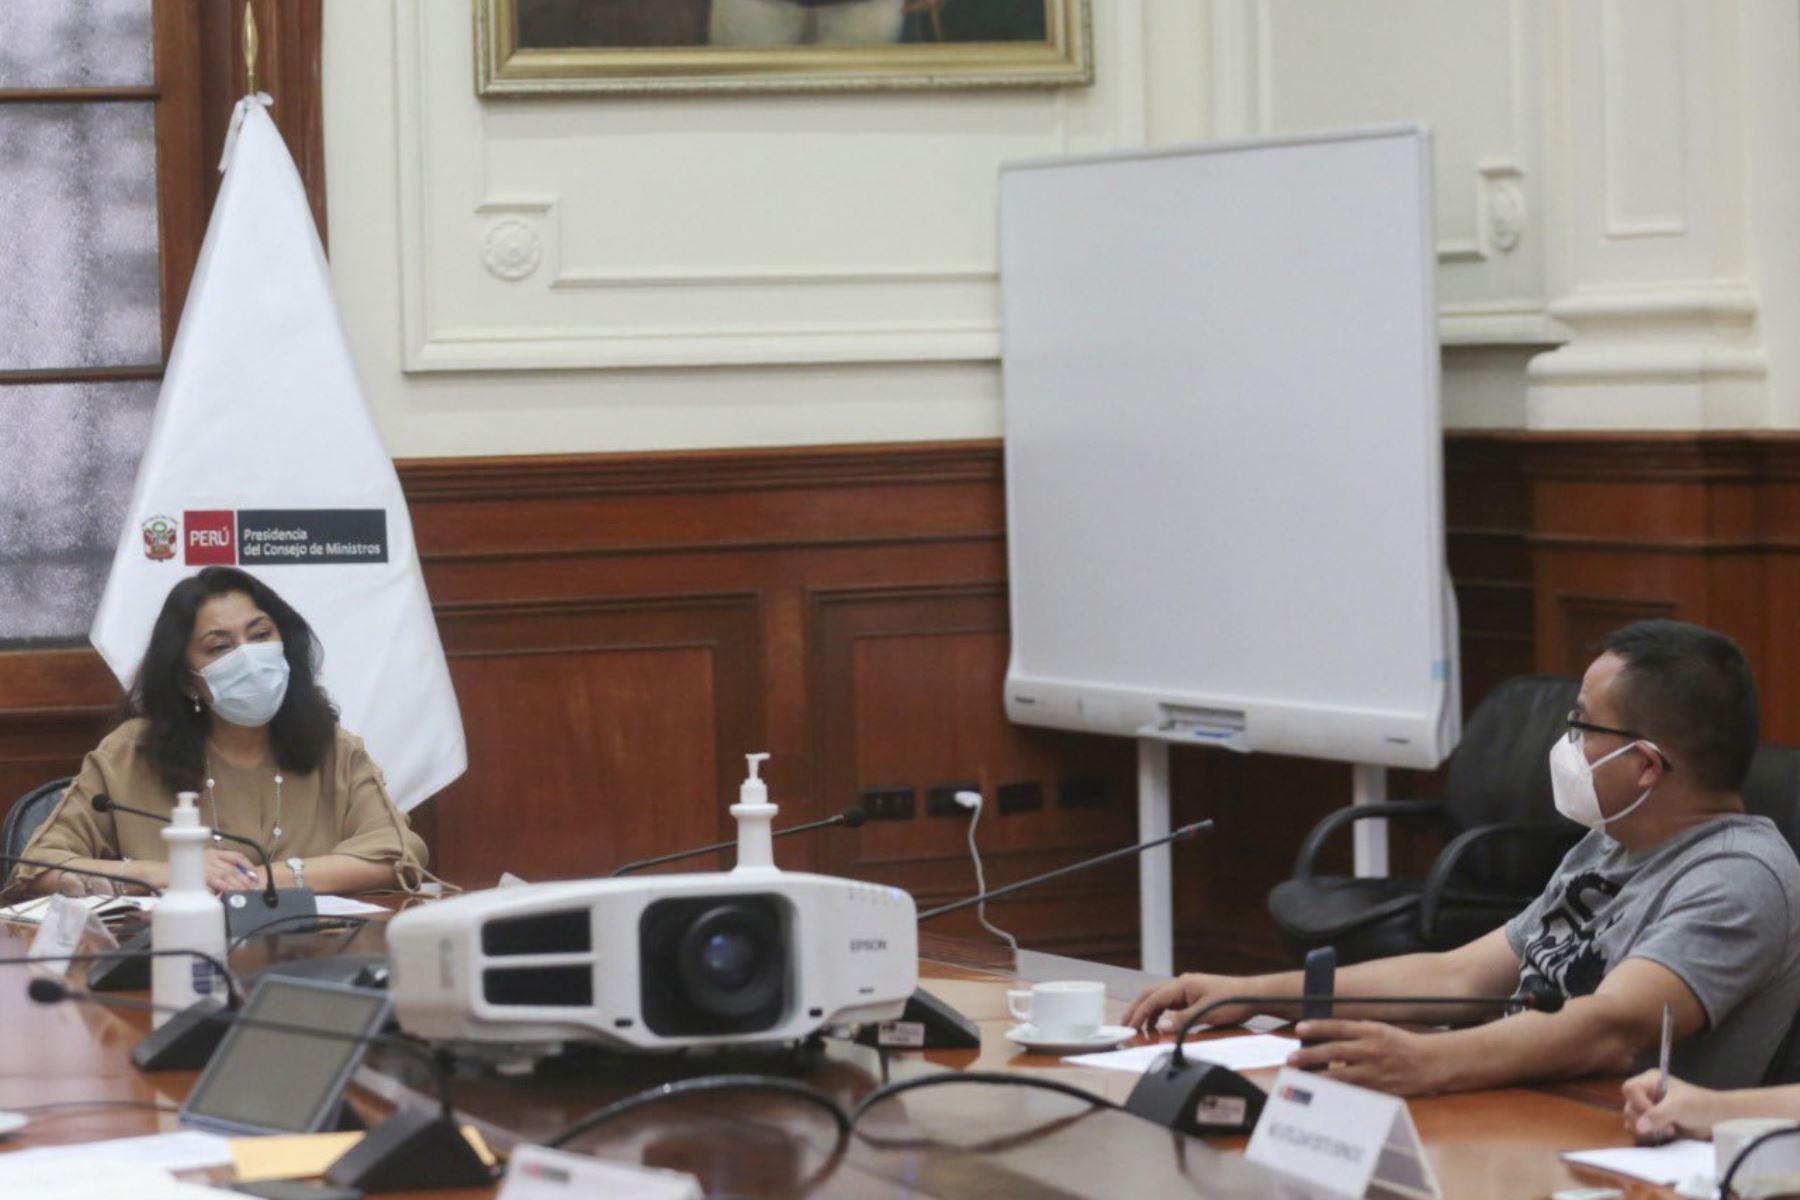 La presidenta del Consejo de Ministros, Violeta Bermúdez, se reunió con el congresista Lenin Bazán, representante del Frente Amplio por la región La Libertad. Foto: PCM